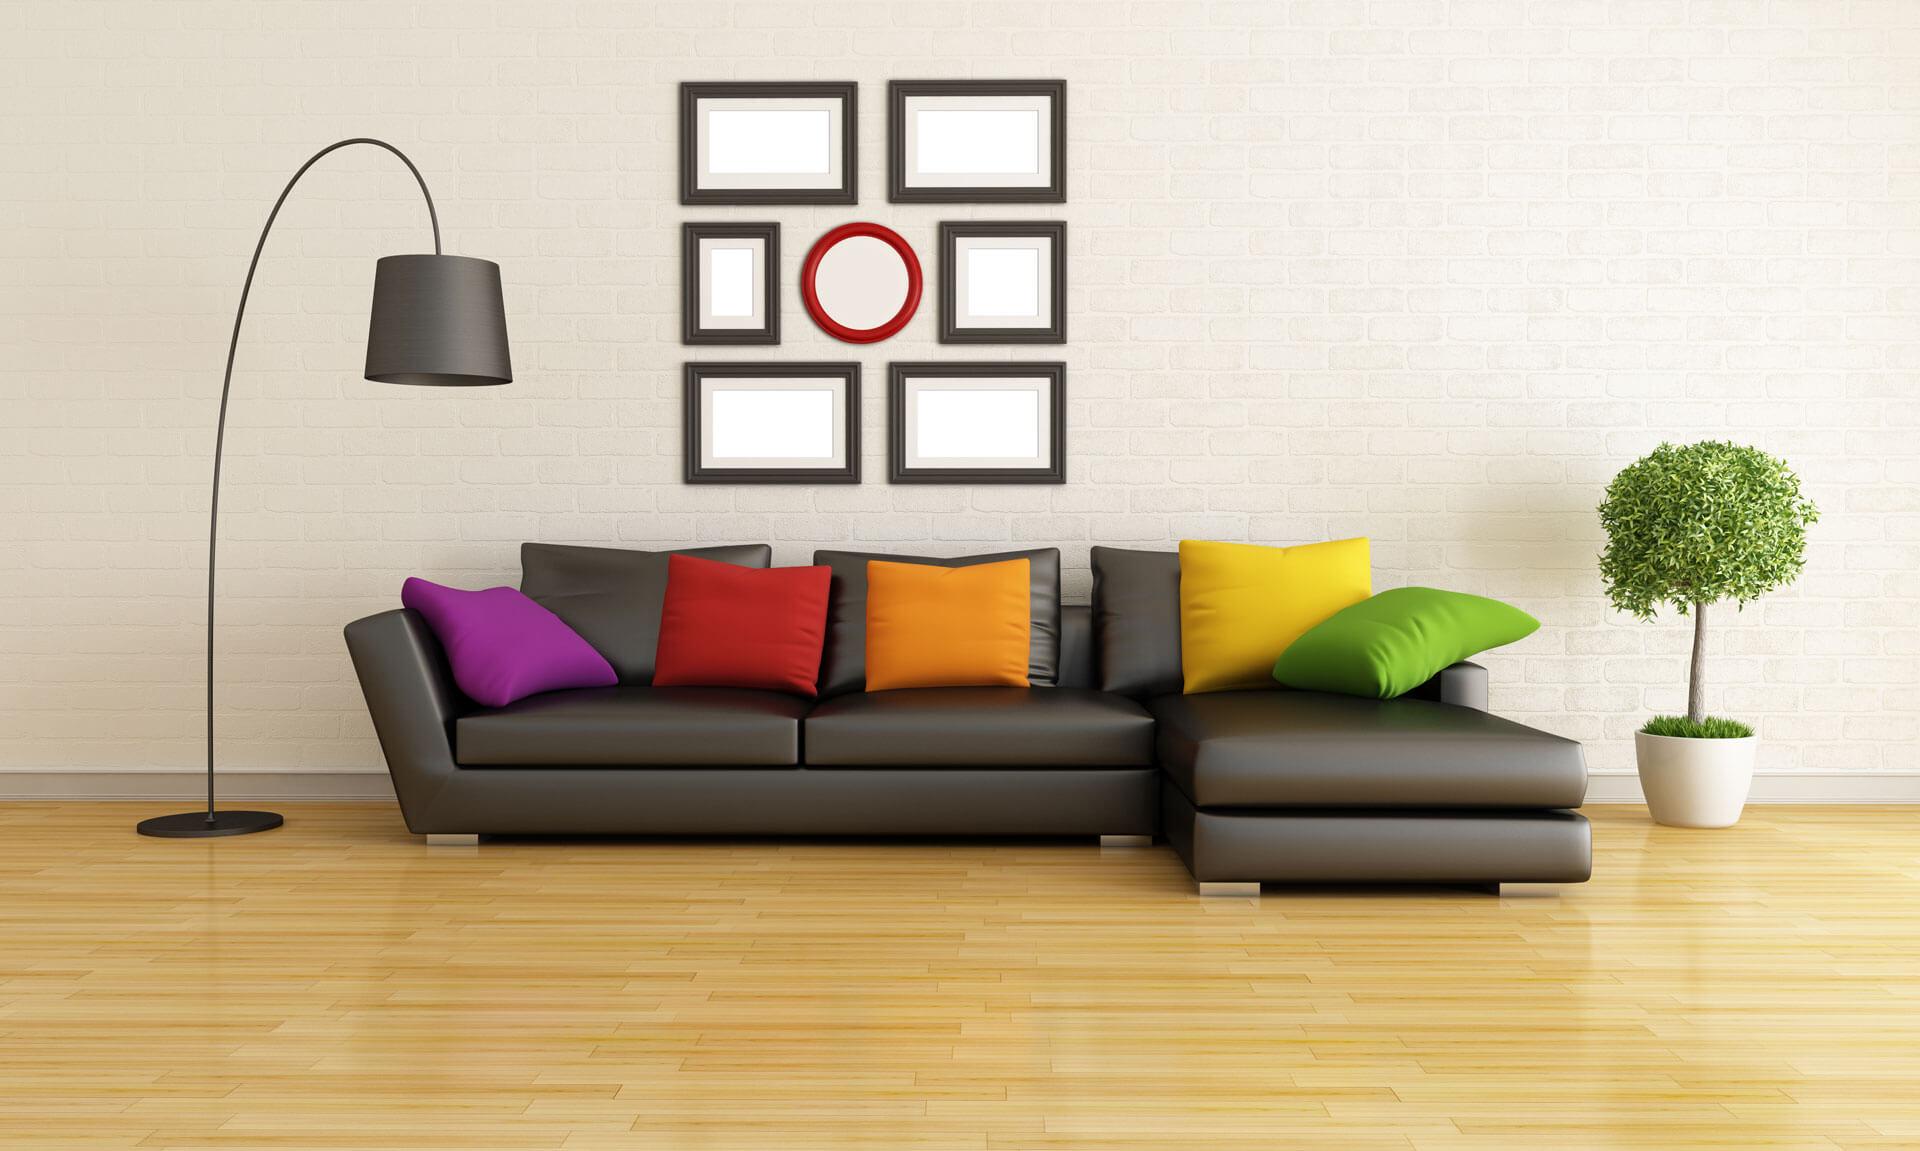 Inside-vr living room